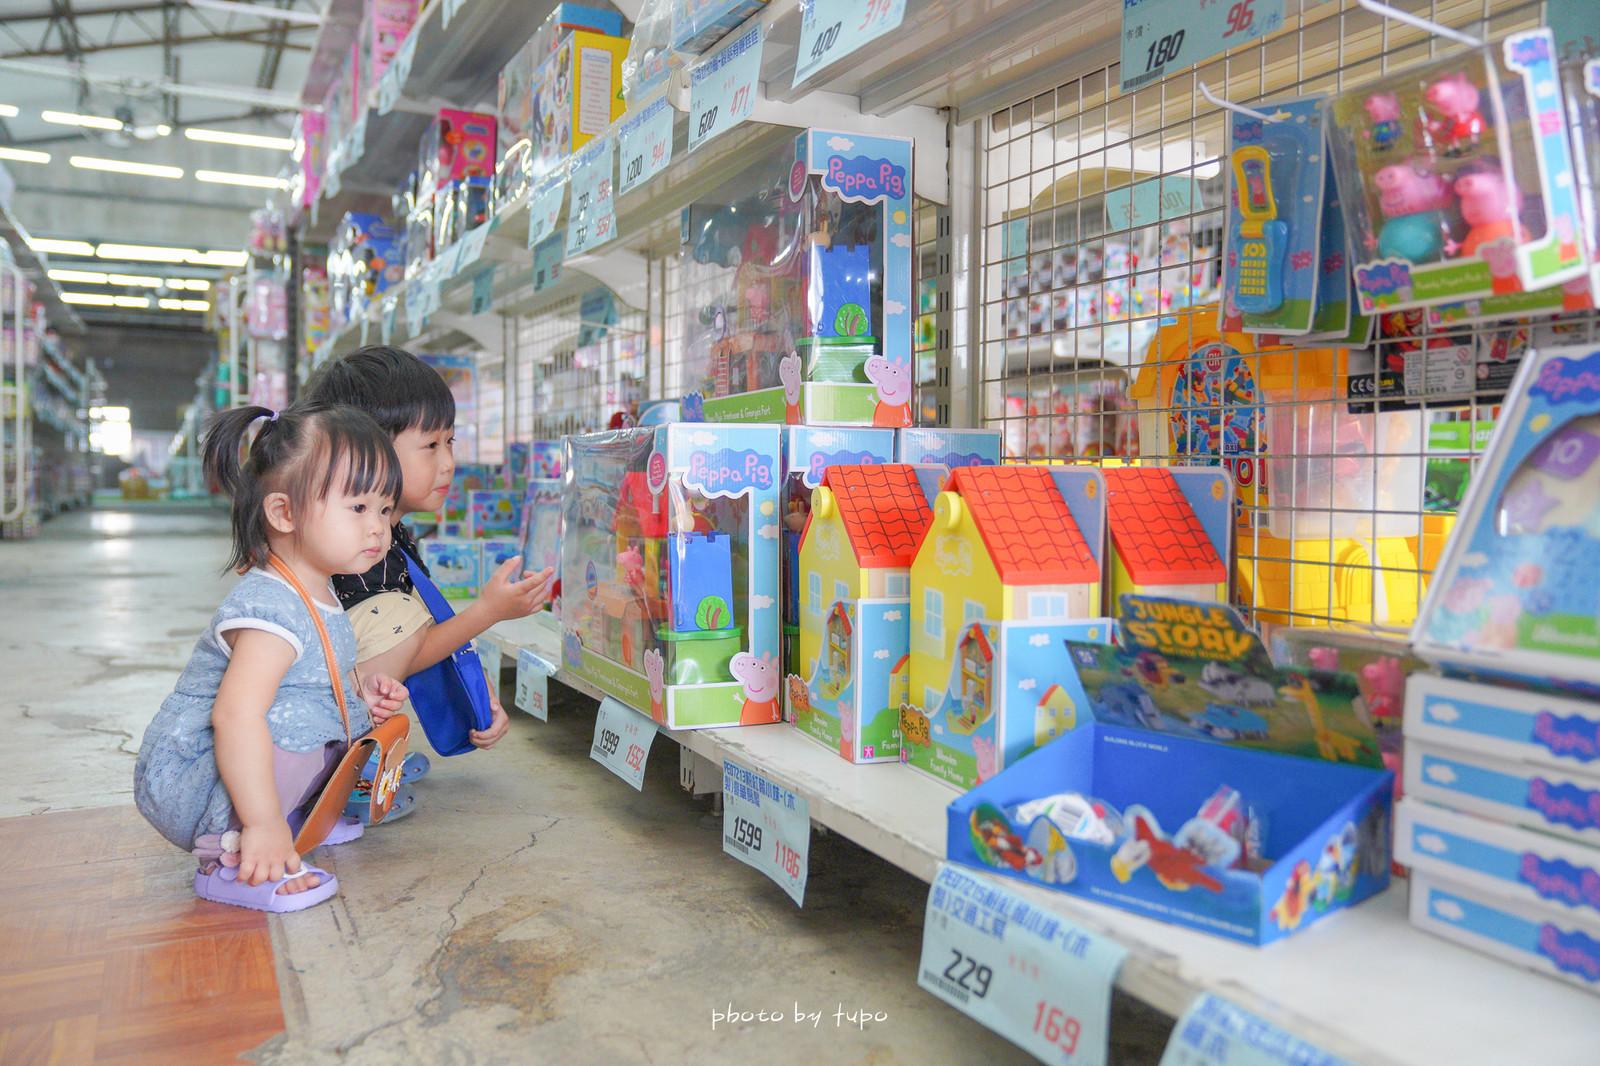 今日熱門文章:彰化新景點》花鹿鹿玩具倉庫,中部最新玩具倉庫新開幕,佔地超過200坪,萬件玩具,聖誕節交換禮物,寶寶玩具優惠都在這!